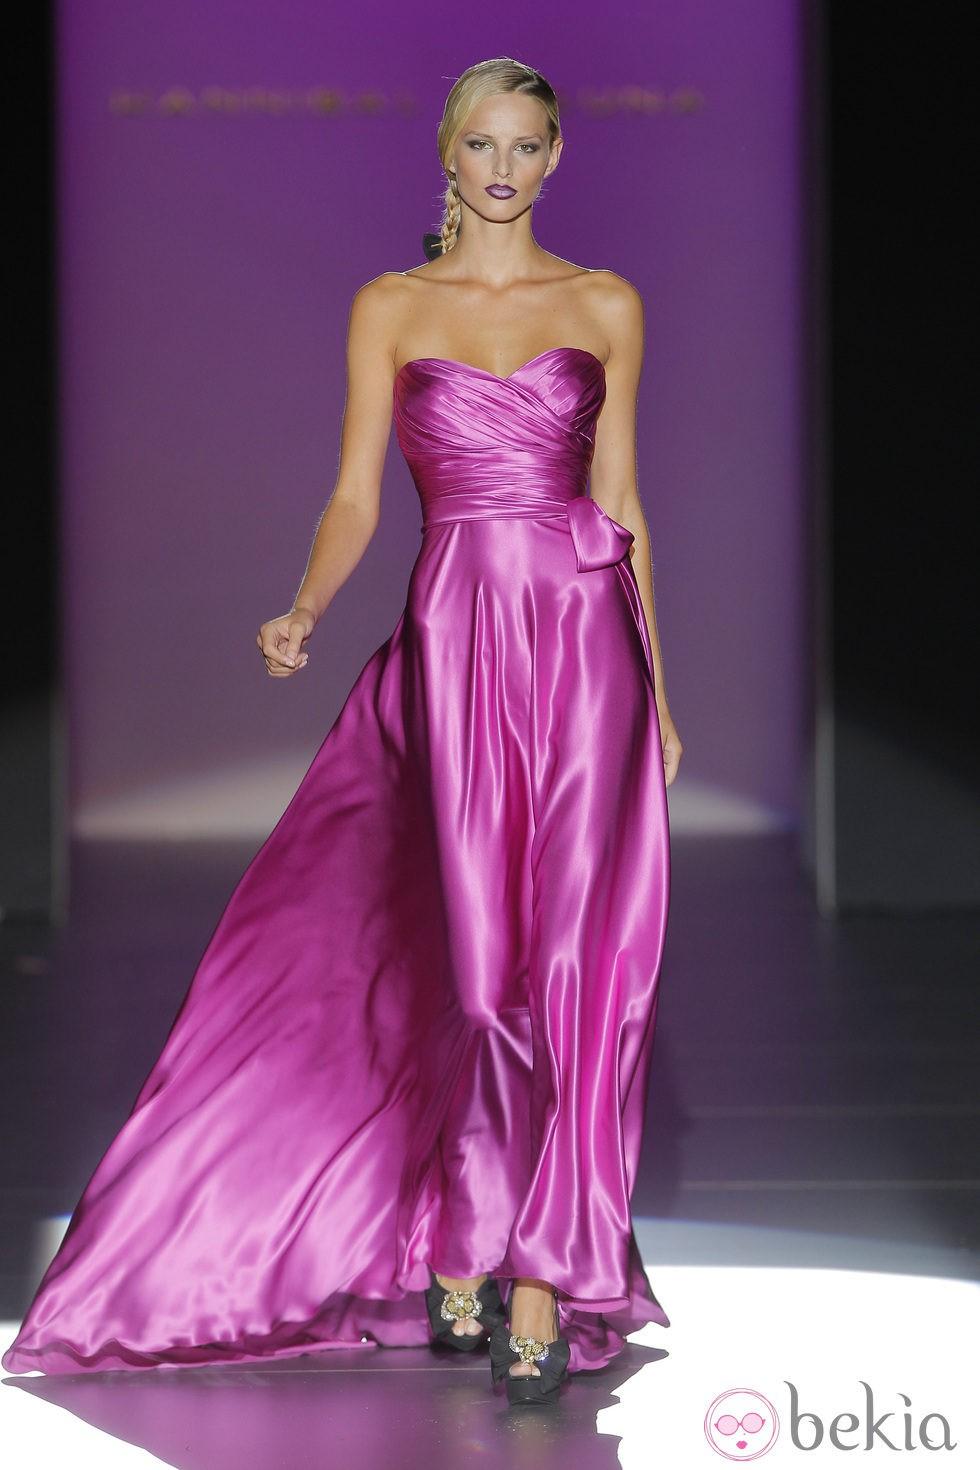 Bonito Vestidos De Fiesta Con Escote Corazón Colección de Imágenes ...